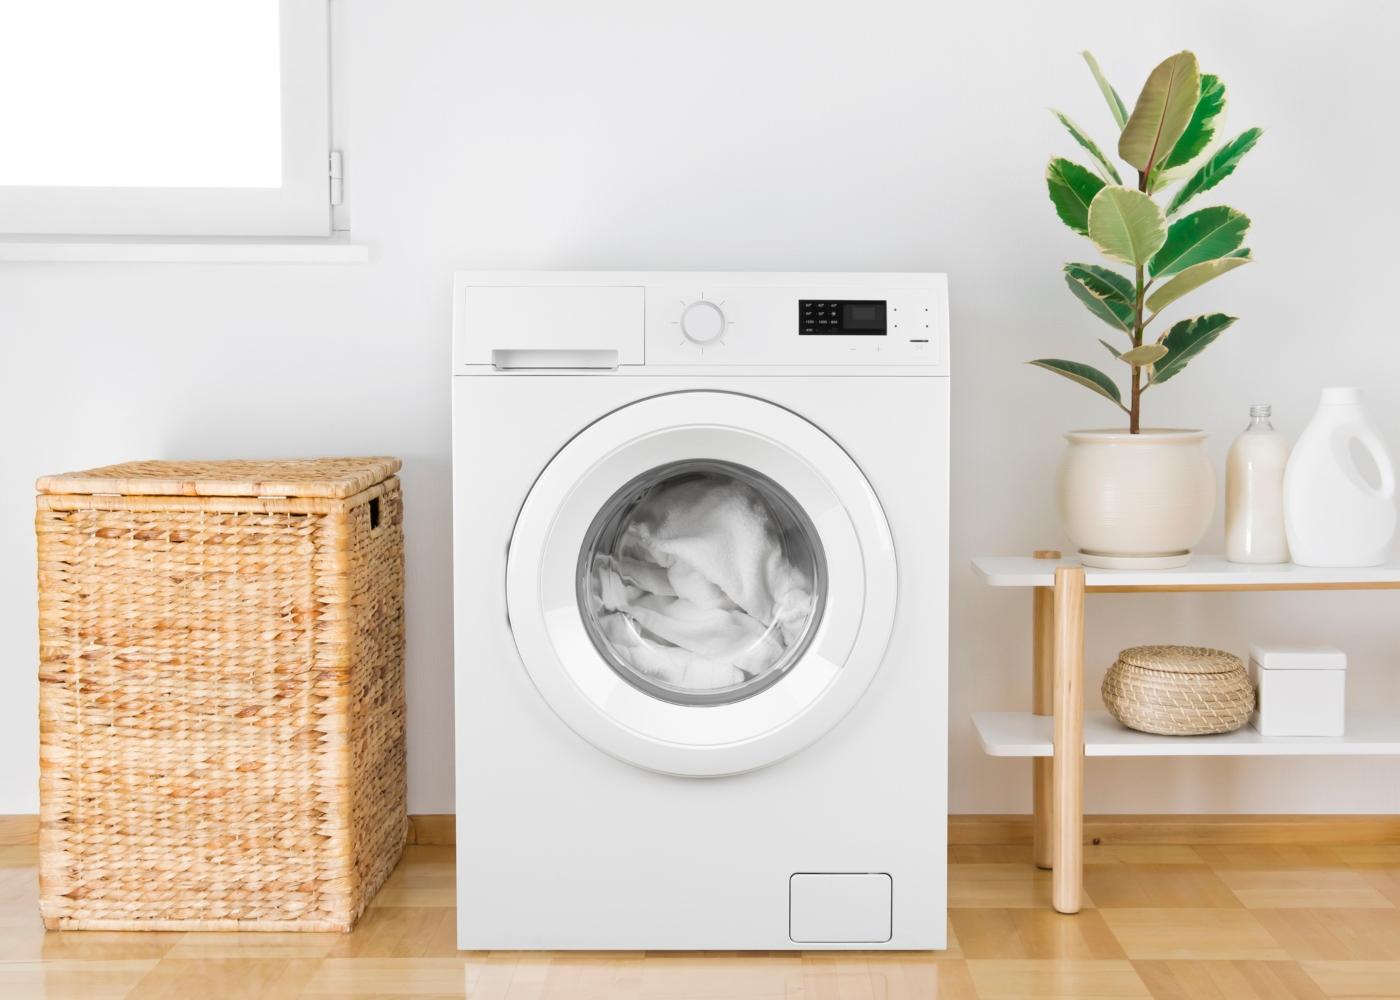 máquina de lavar a roupa cheia de roupa branca